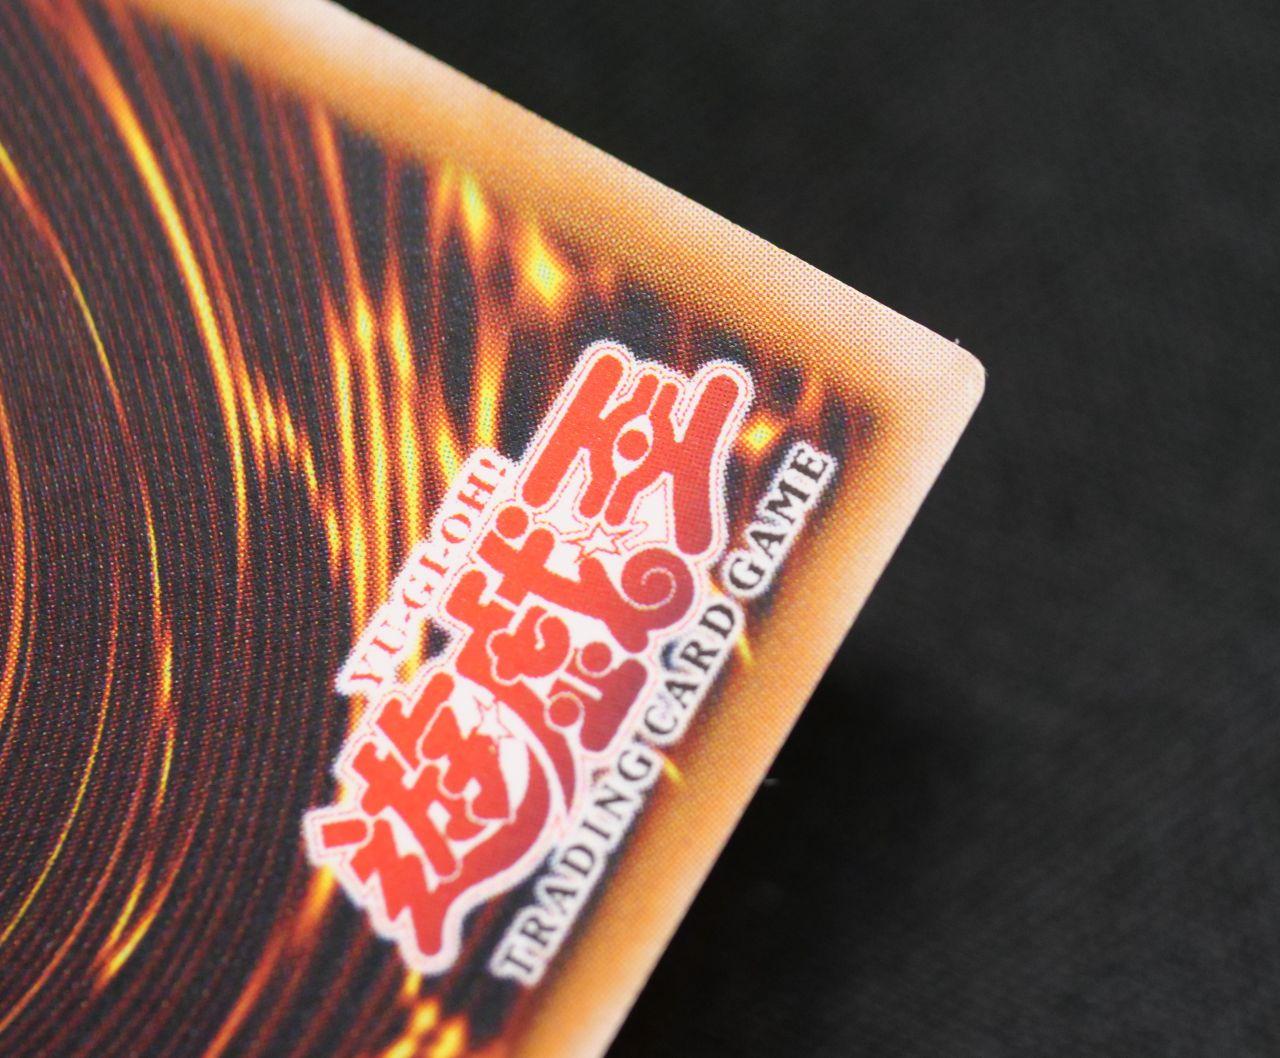 TLM-AE034【旧アジアレリーフ】ELEMENTAL MISTRESS DORIADO/精霊術師ドリアード